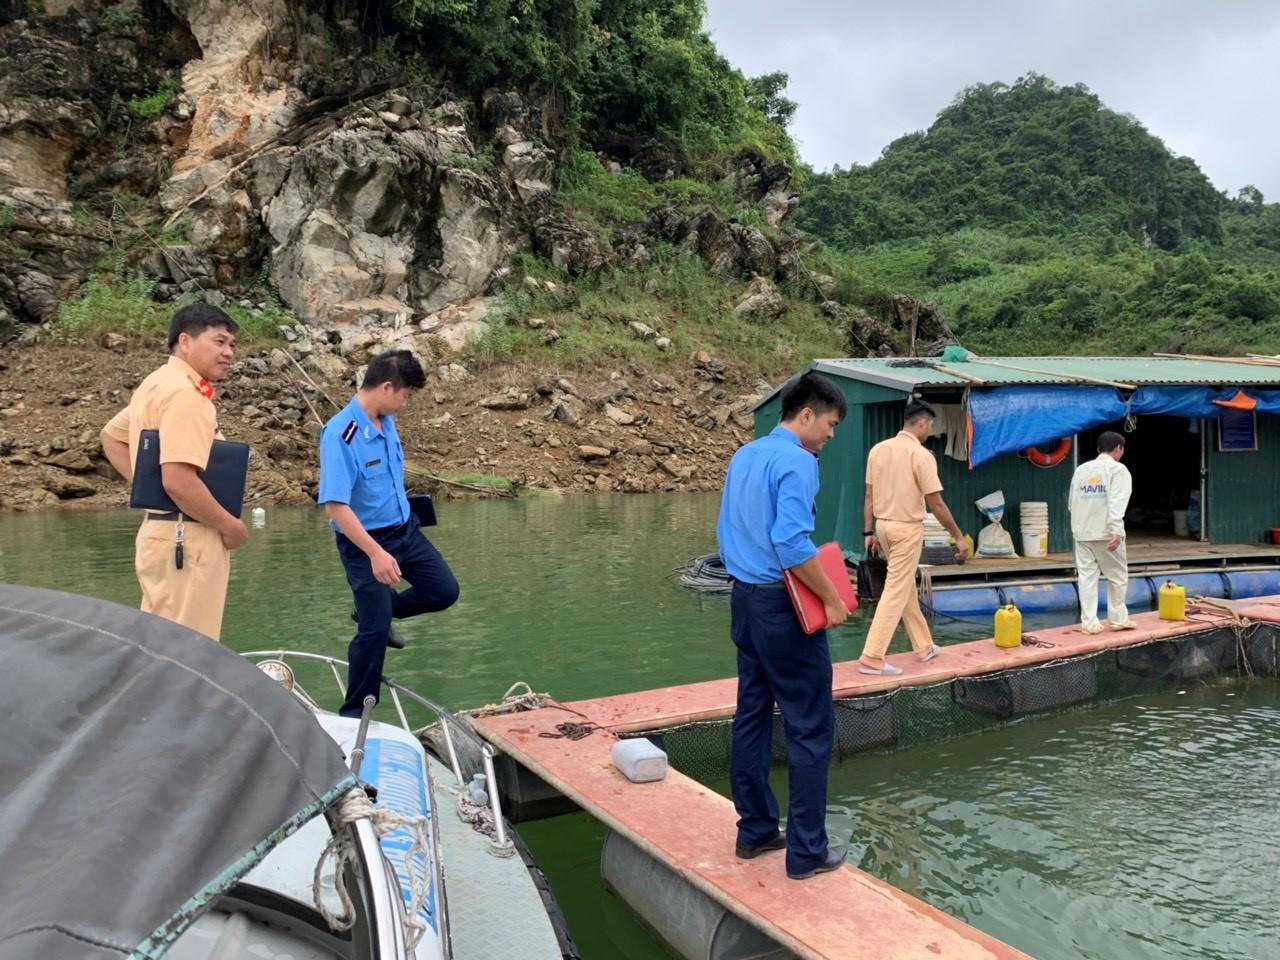 Đội Thanh tra - An toàn số 9 tích cực phối hợp liên ngành quản lý hoạt động nuôi trồng thủy sản, góp phần bảo đảm trật tự ATGT trên đường thủy quốc gia sông Đà.